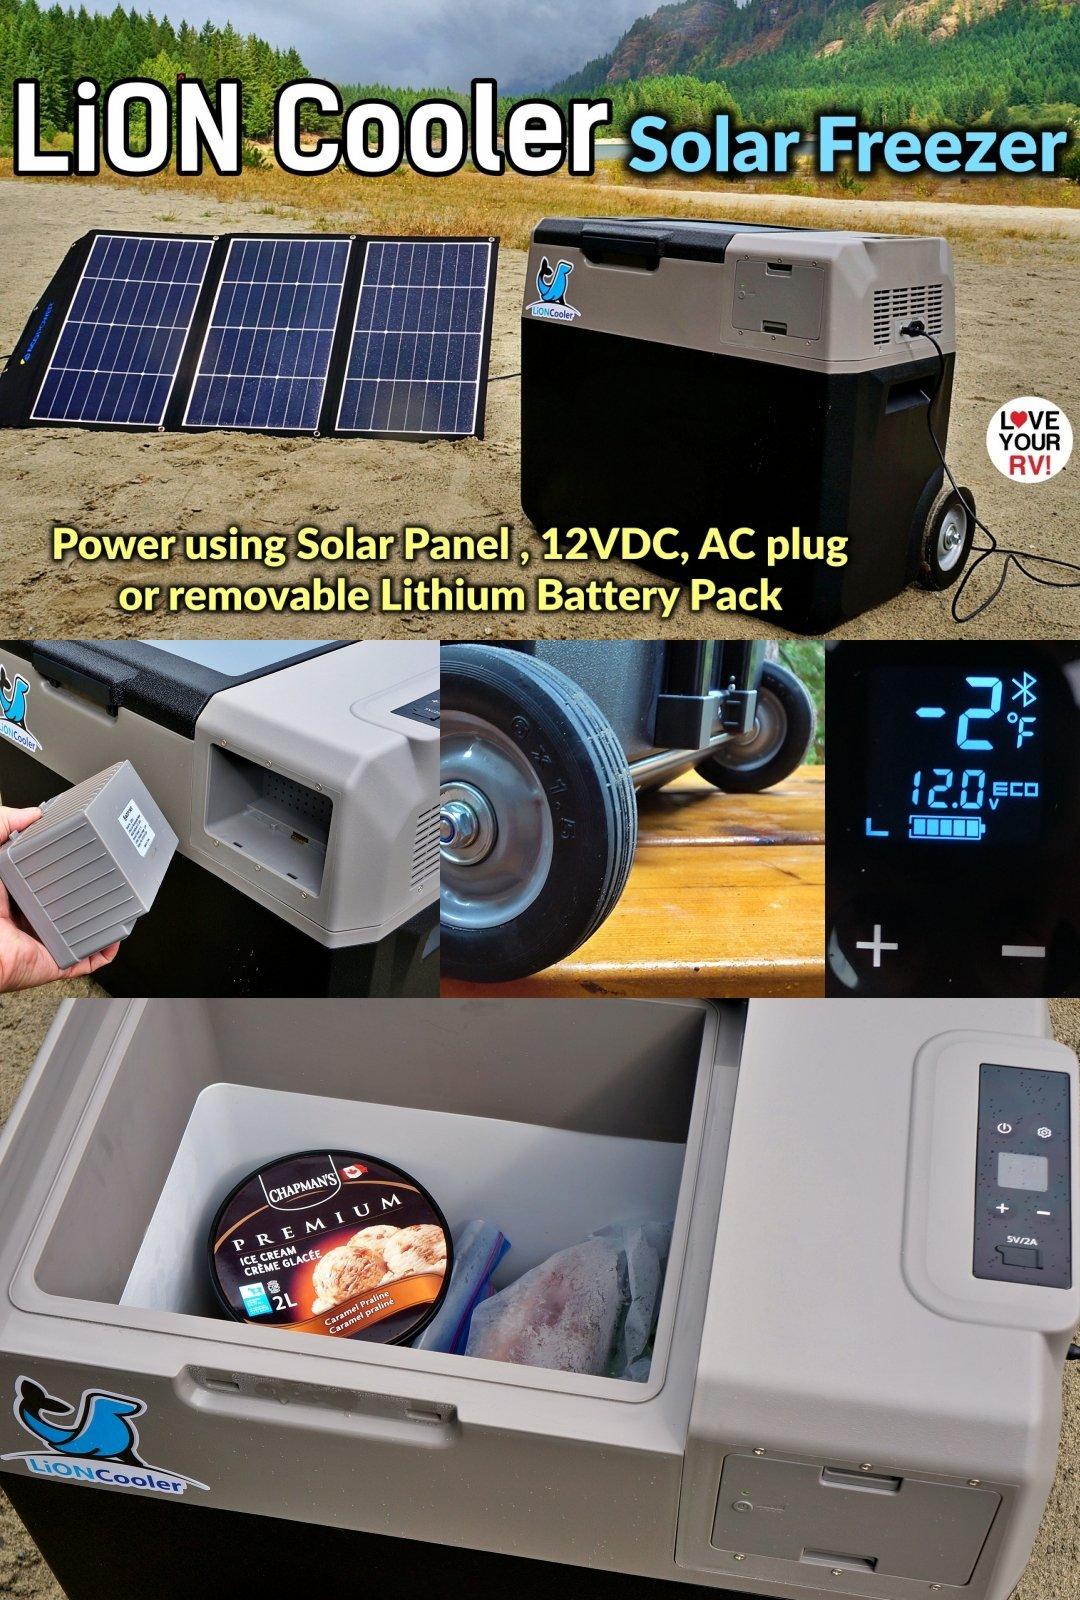 ACOPOWER LiON Cooler Solar Freezer Review